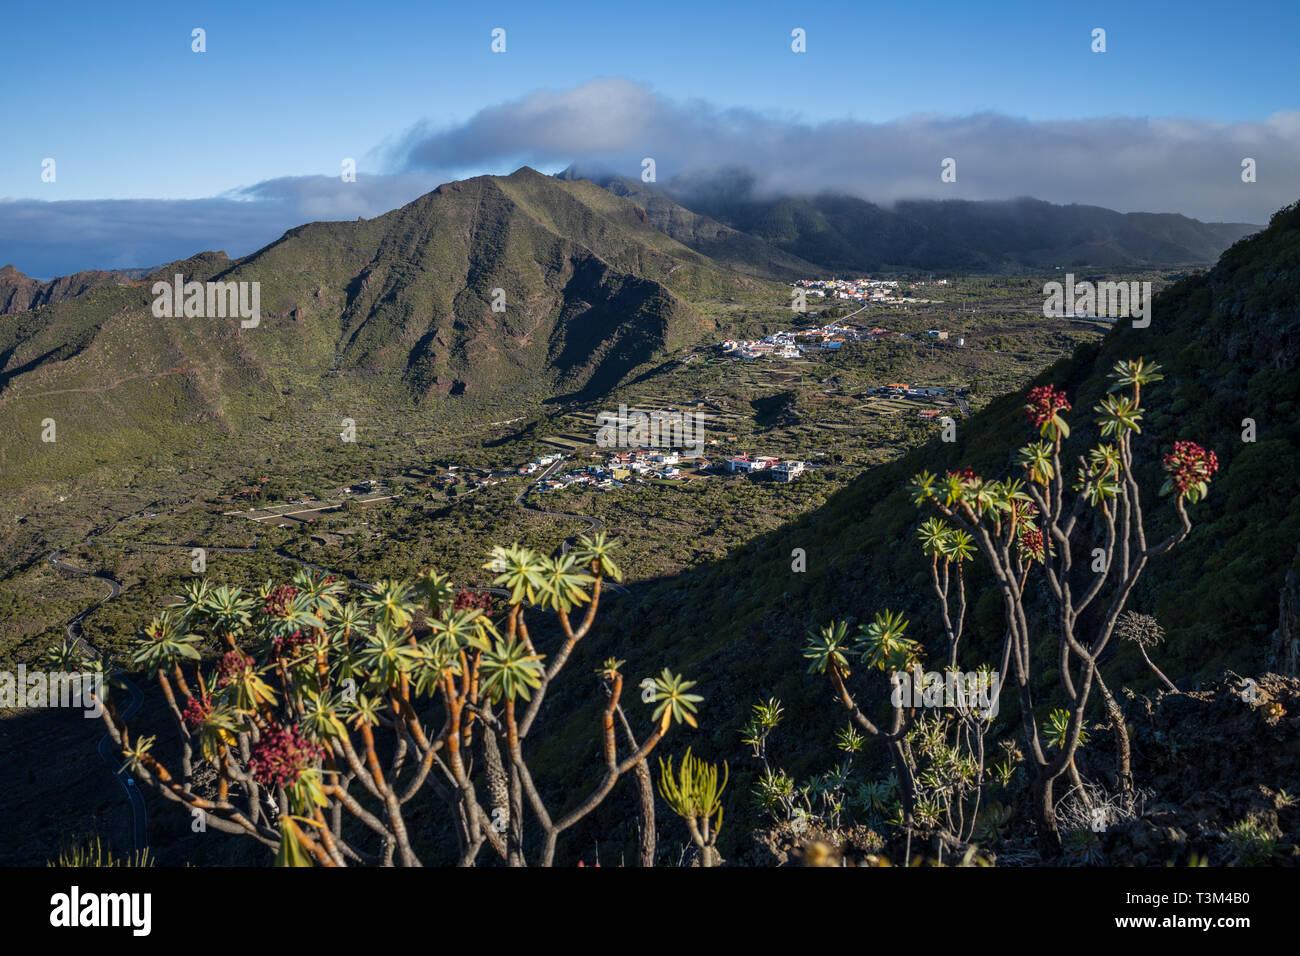 Luftbild bis das Tal über die Bergdörfer von El Molledo, El Retamar und Santiago del Teide, Teneriffa, Kanarische Inseln, Spanien Stockbild